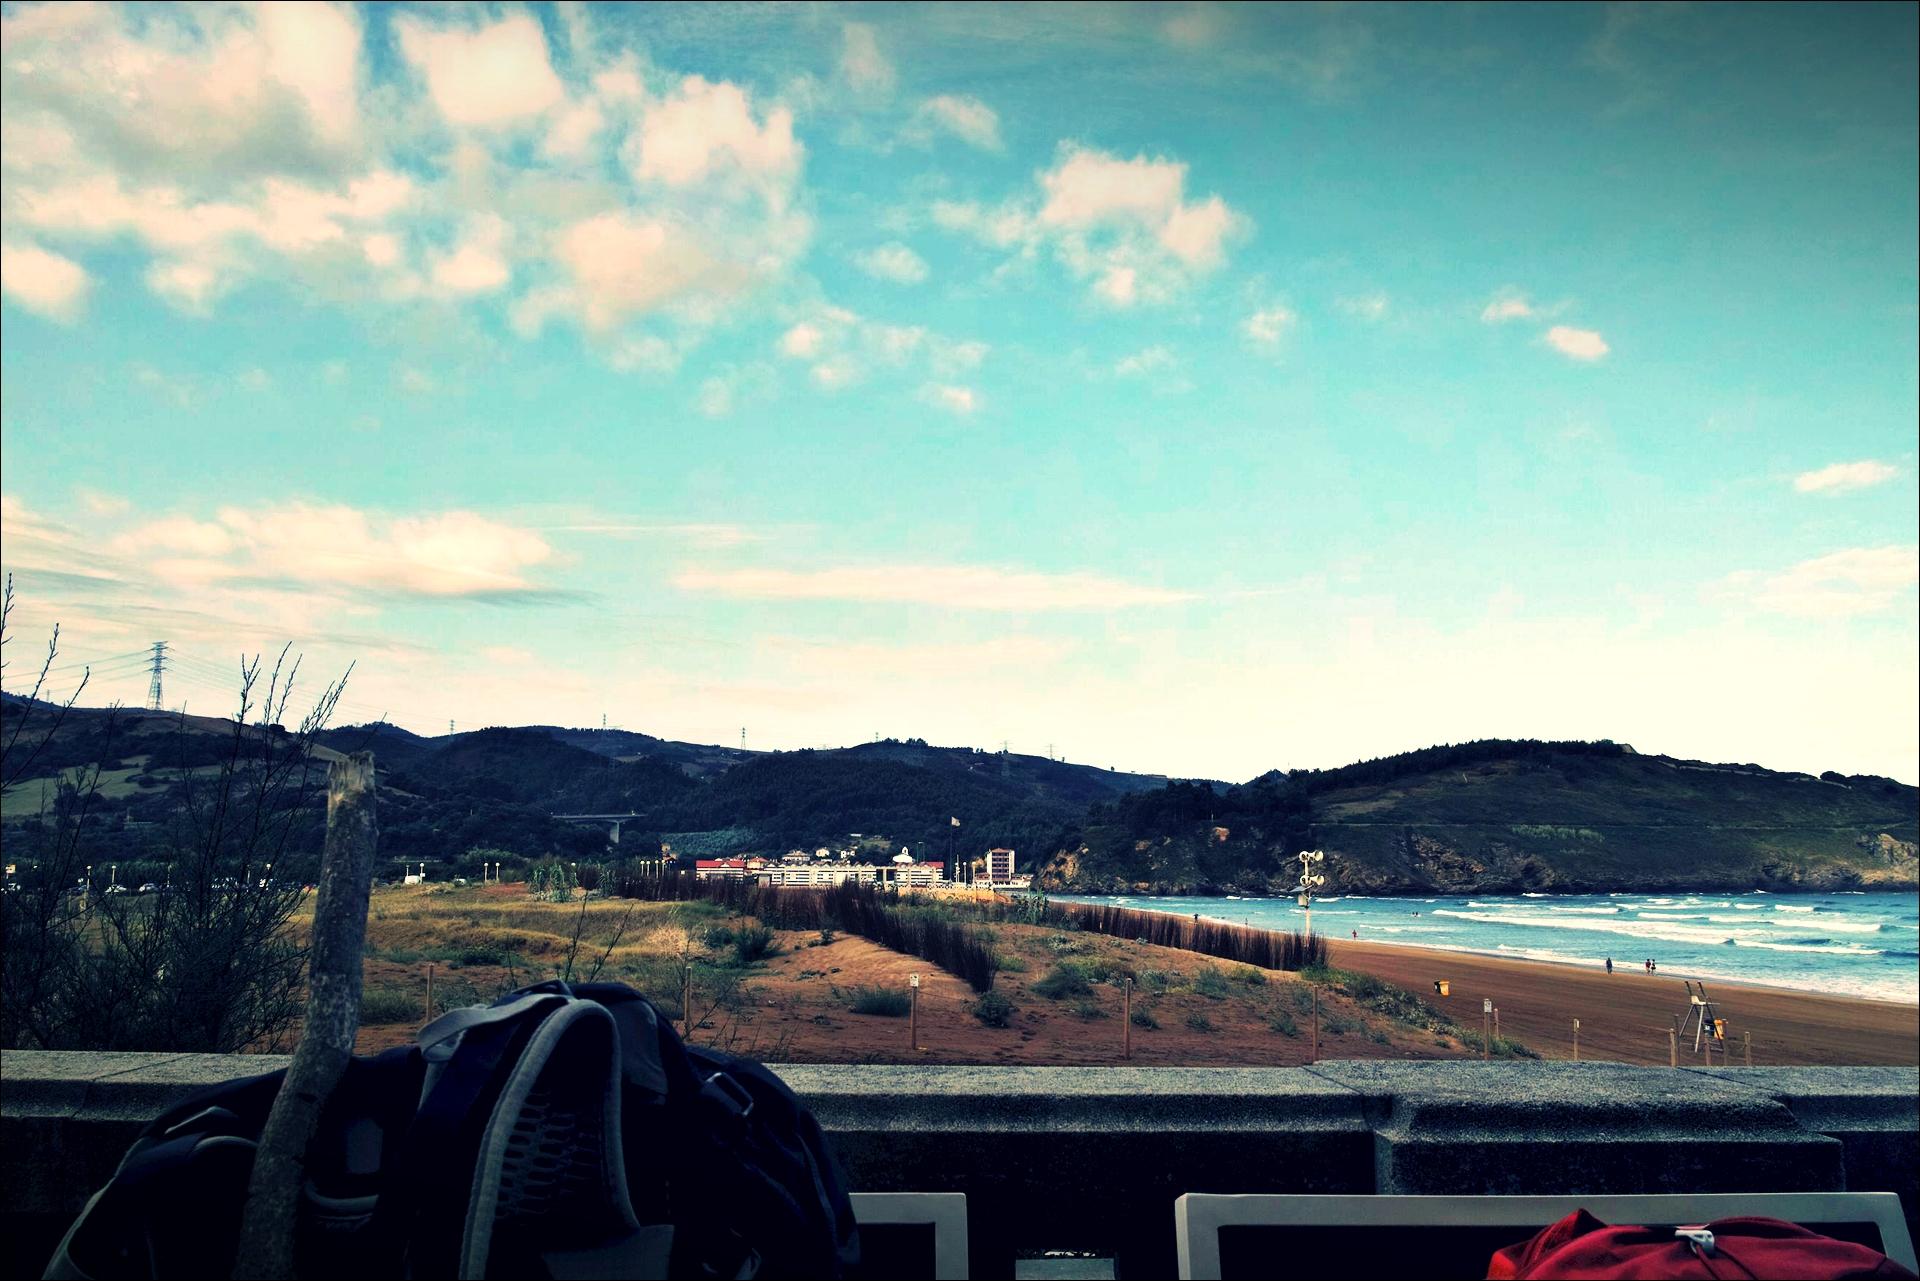 포베냐 해변-'카미노 데 산티아고 북쪽길. 포르투갈레테에서 카스트로 우르디알레스. (Camino del Norte - Portugalete to Castro Urdiales) '